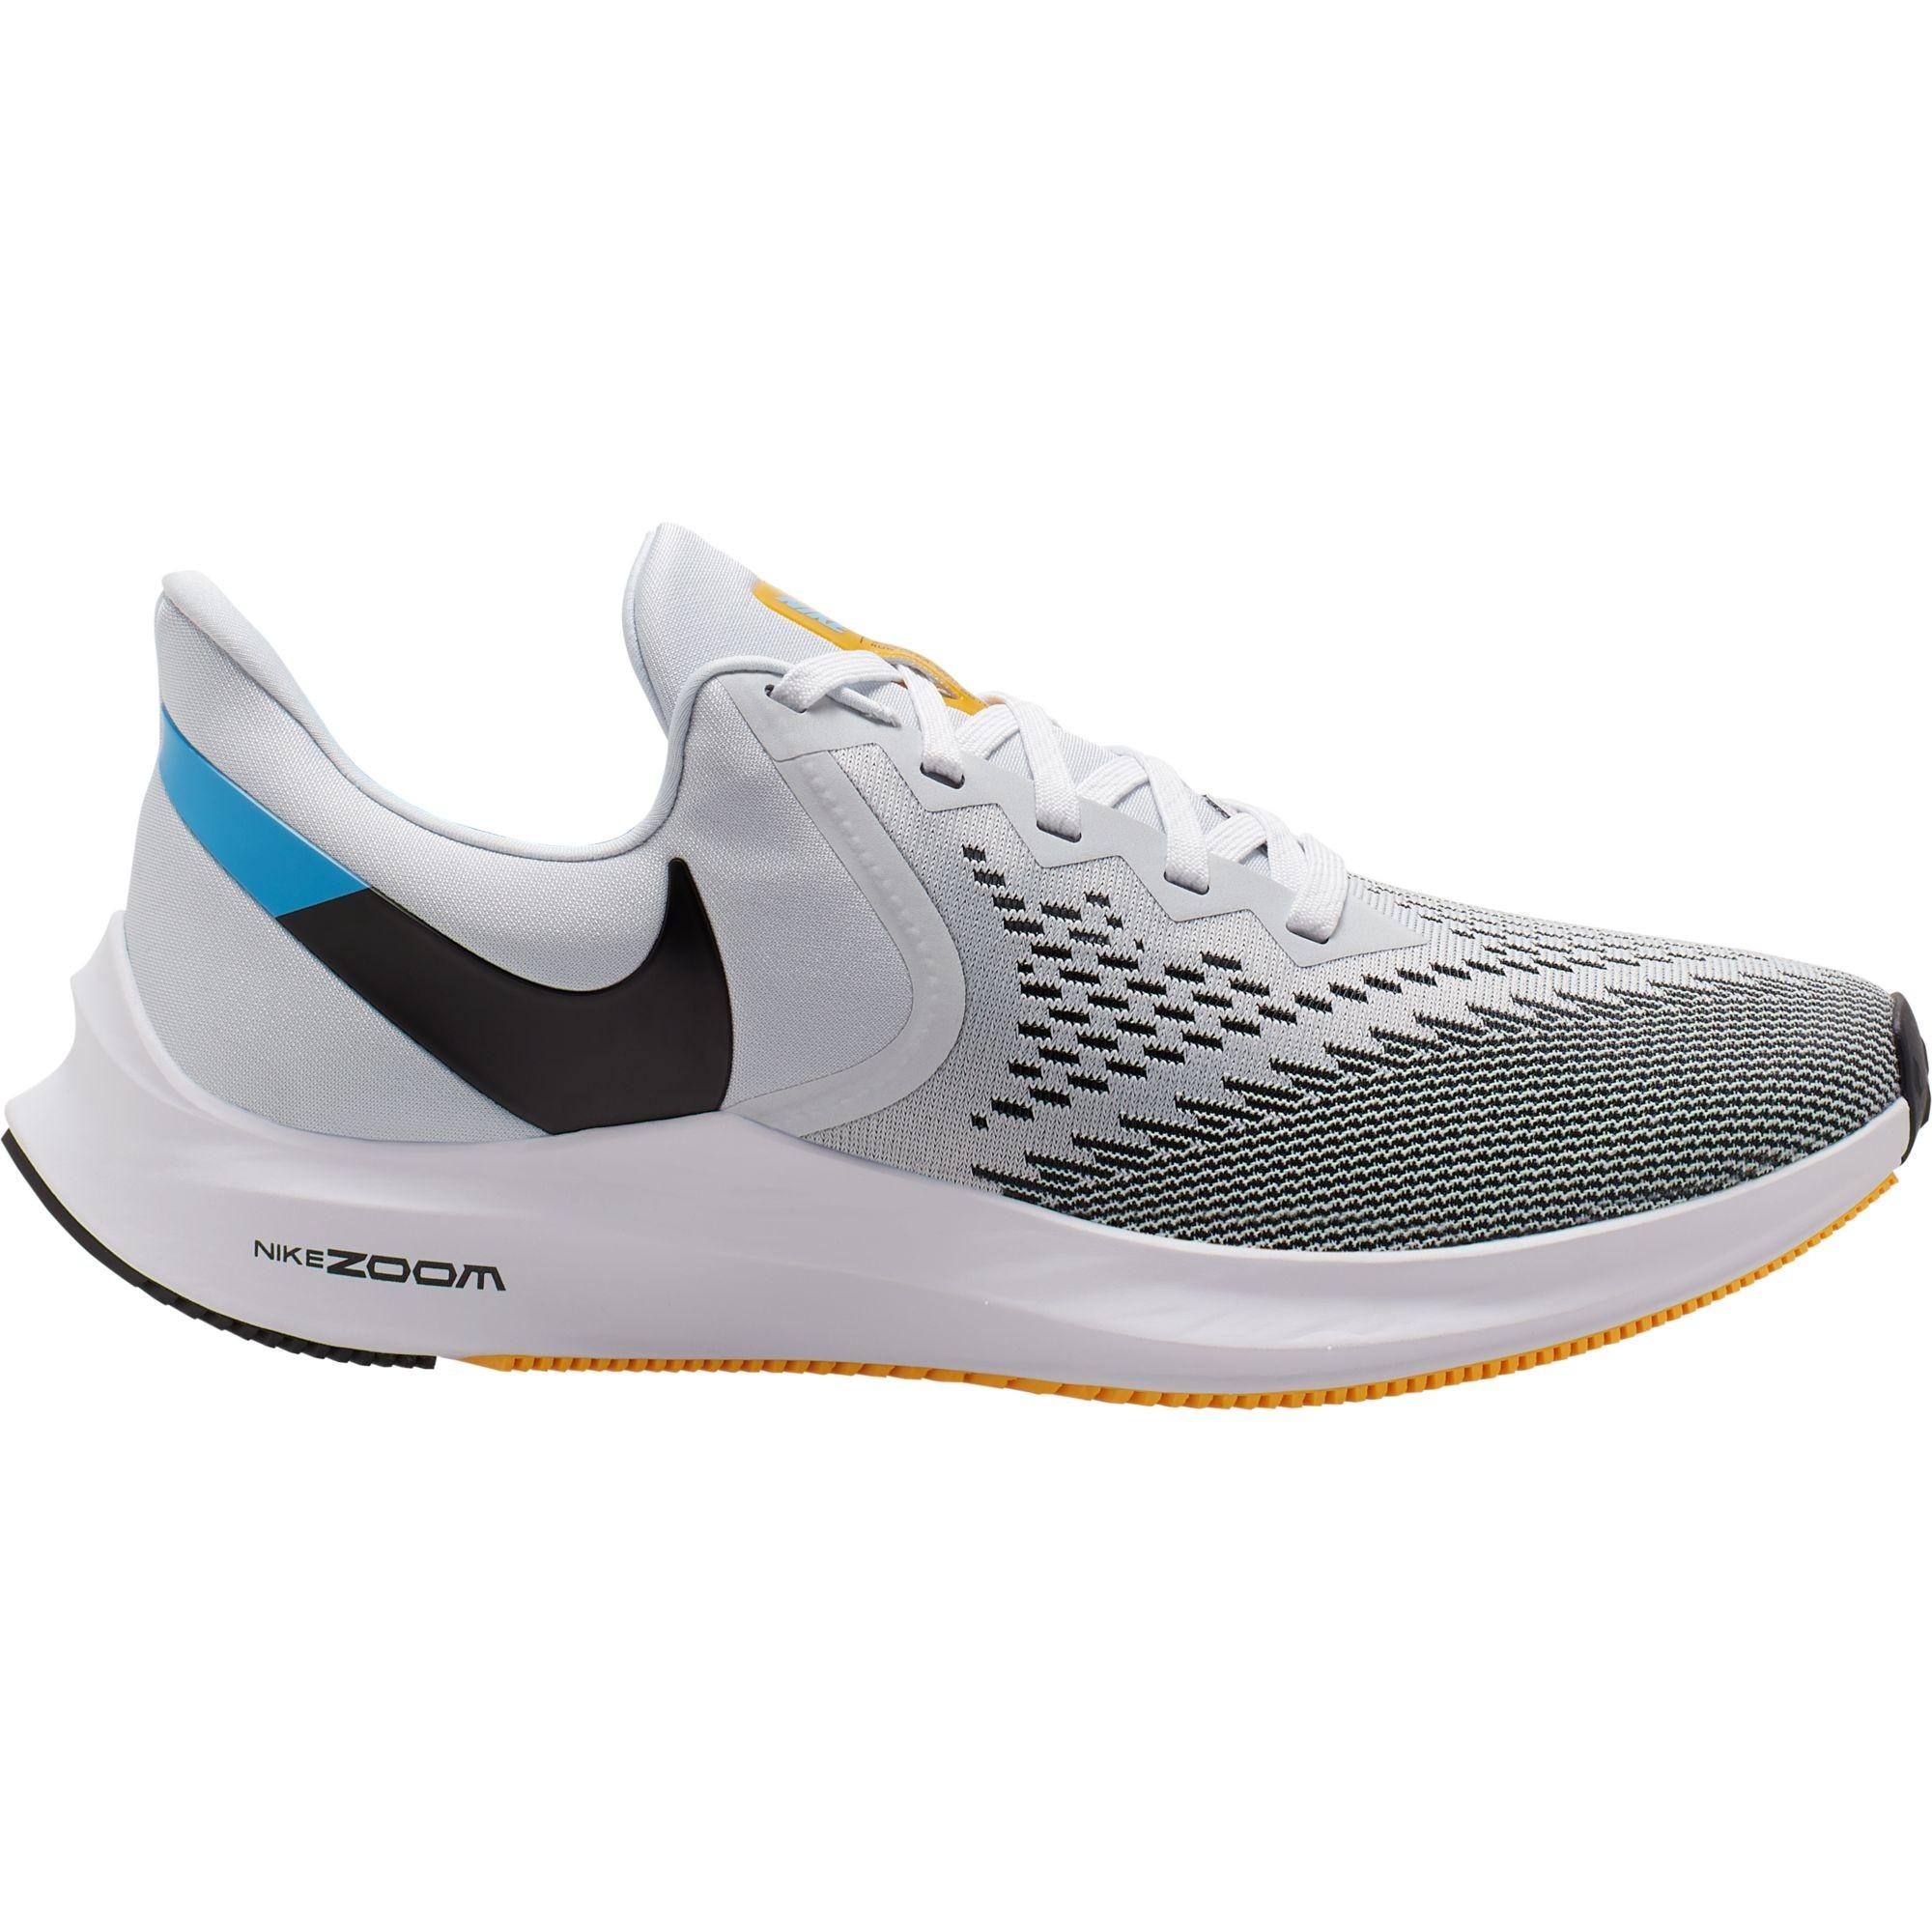 Zapatillas Nike Air Max Winflo 4 Nuevas En Caja!!! en venta